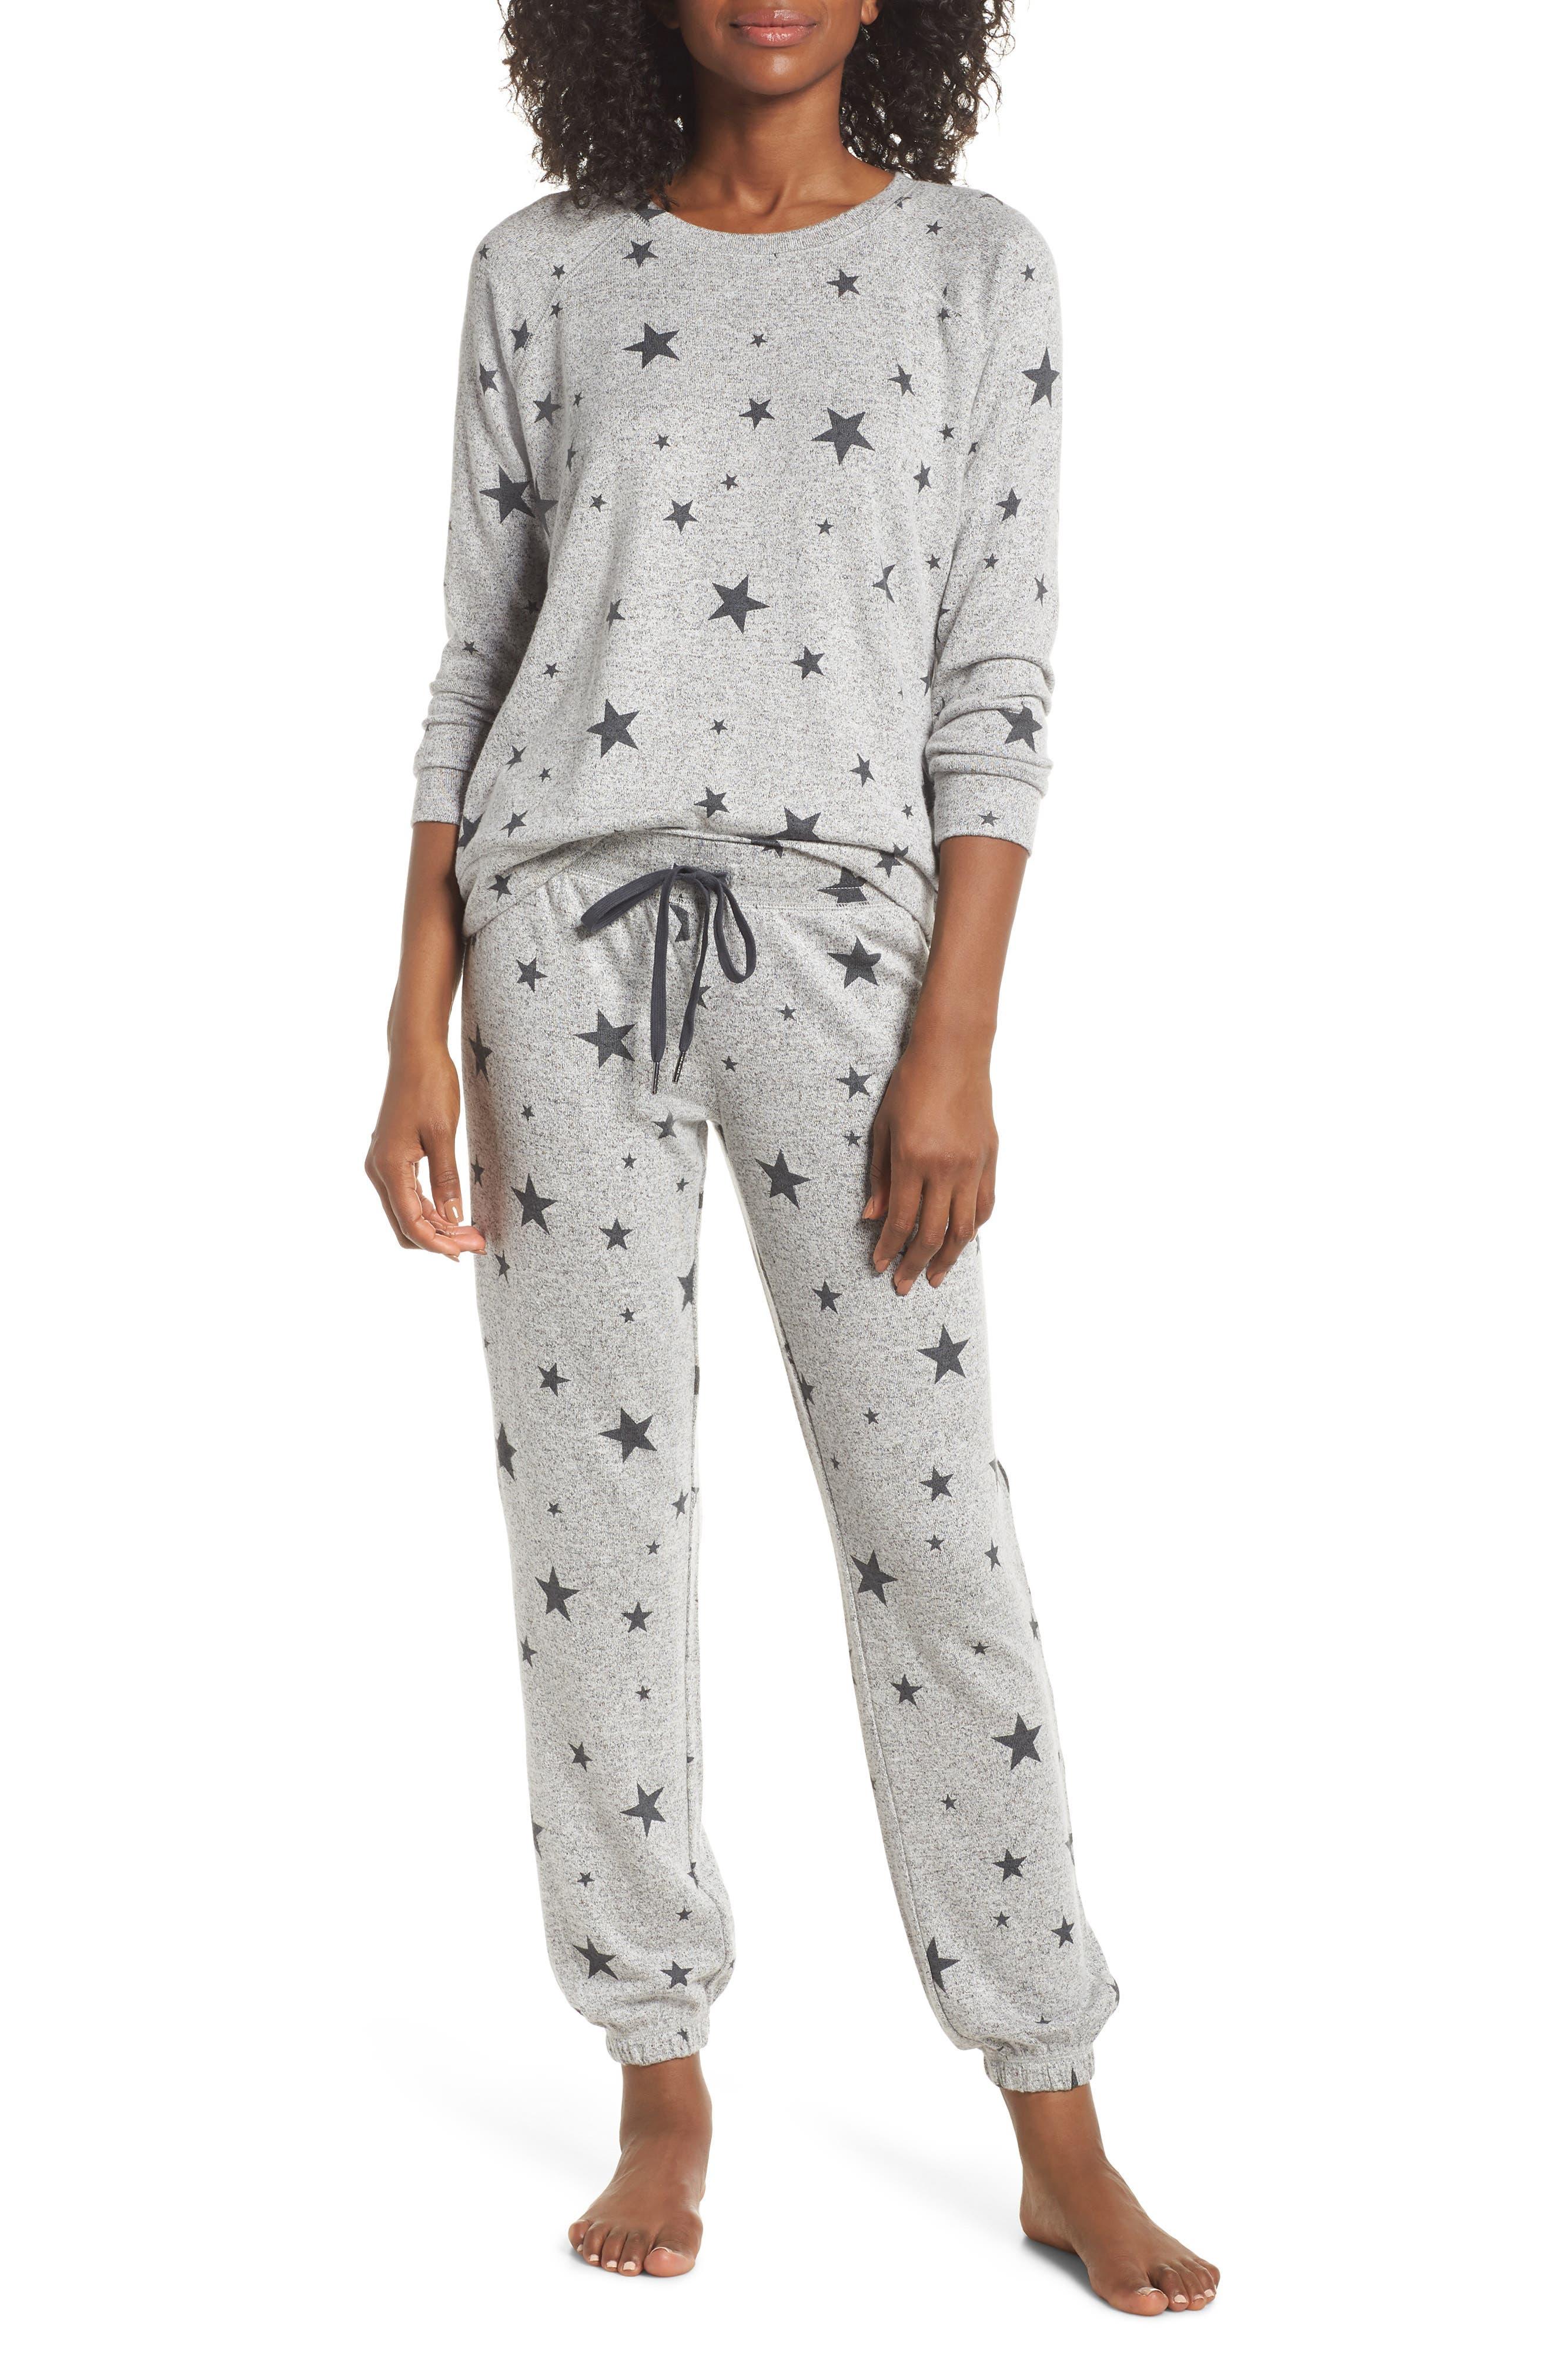 Just Peachy Jogger Pajamas,                             Main thumbnail 1, color,                             007